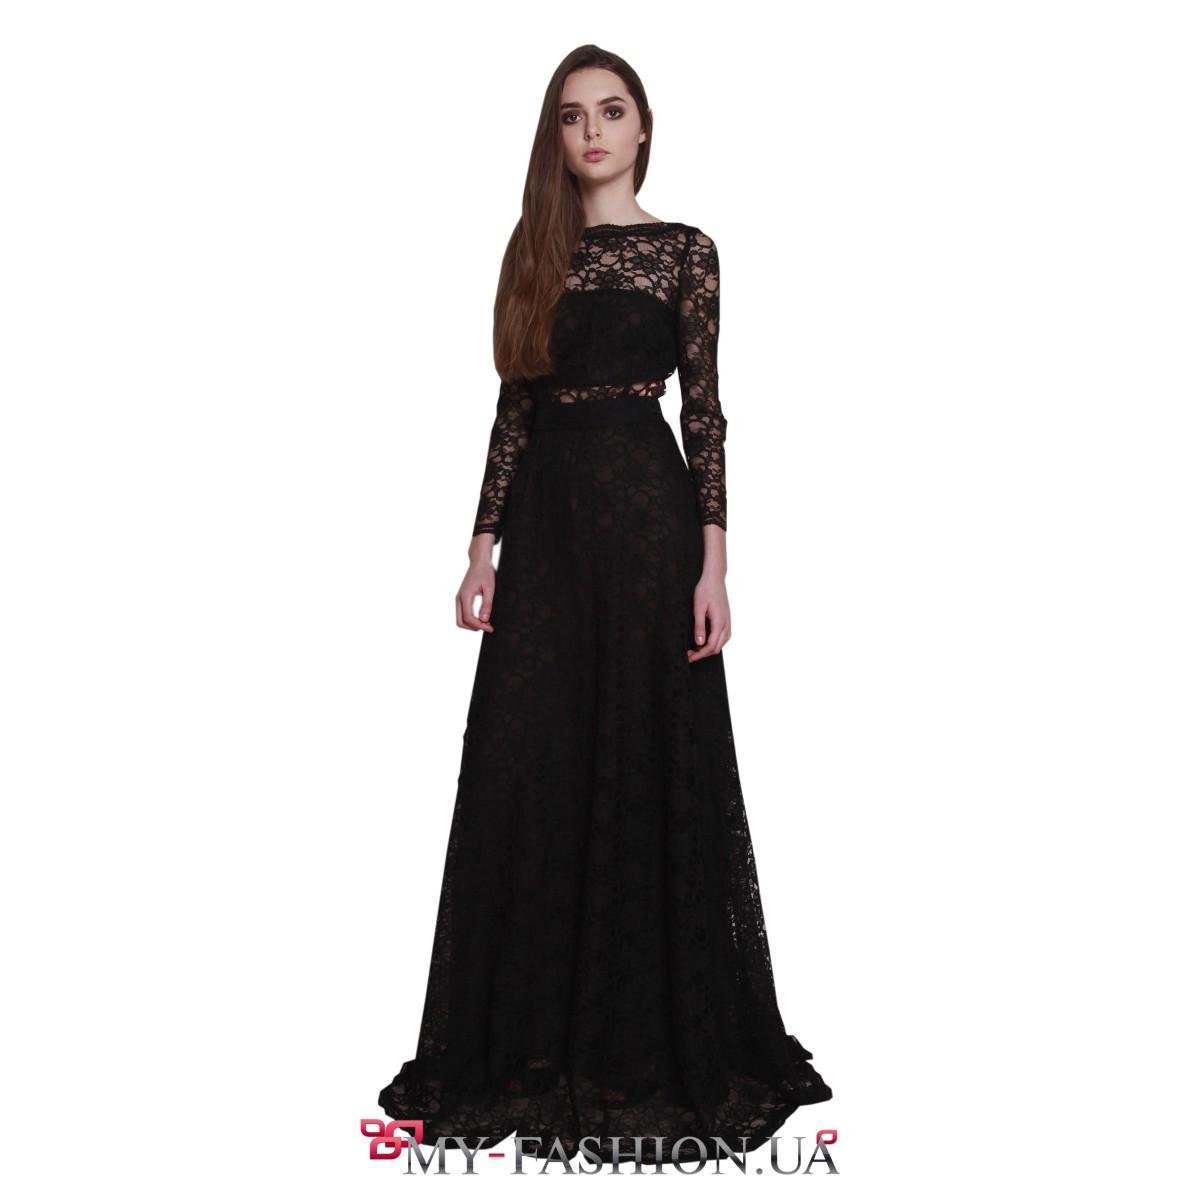 Платье черное короткое на выпускной